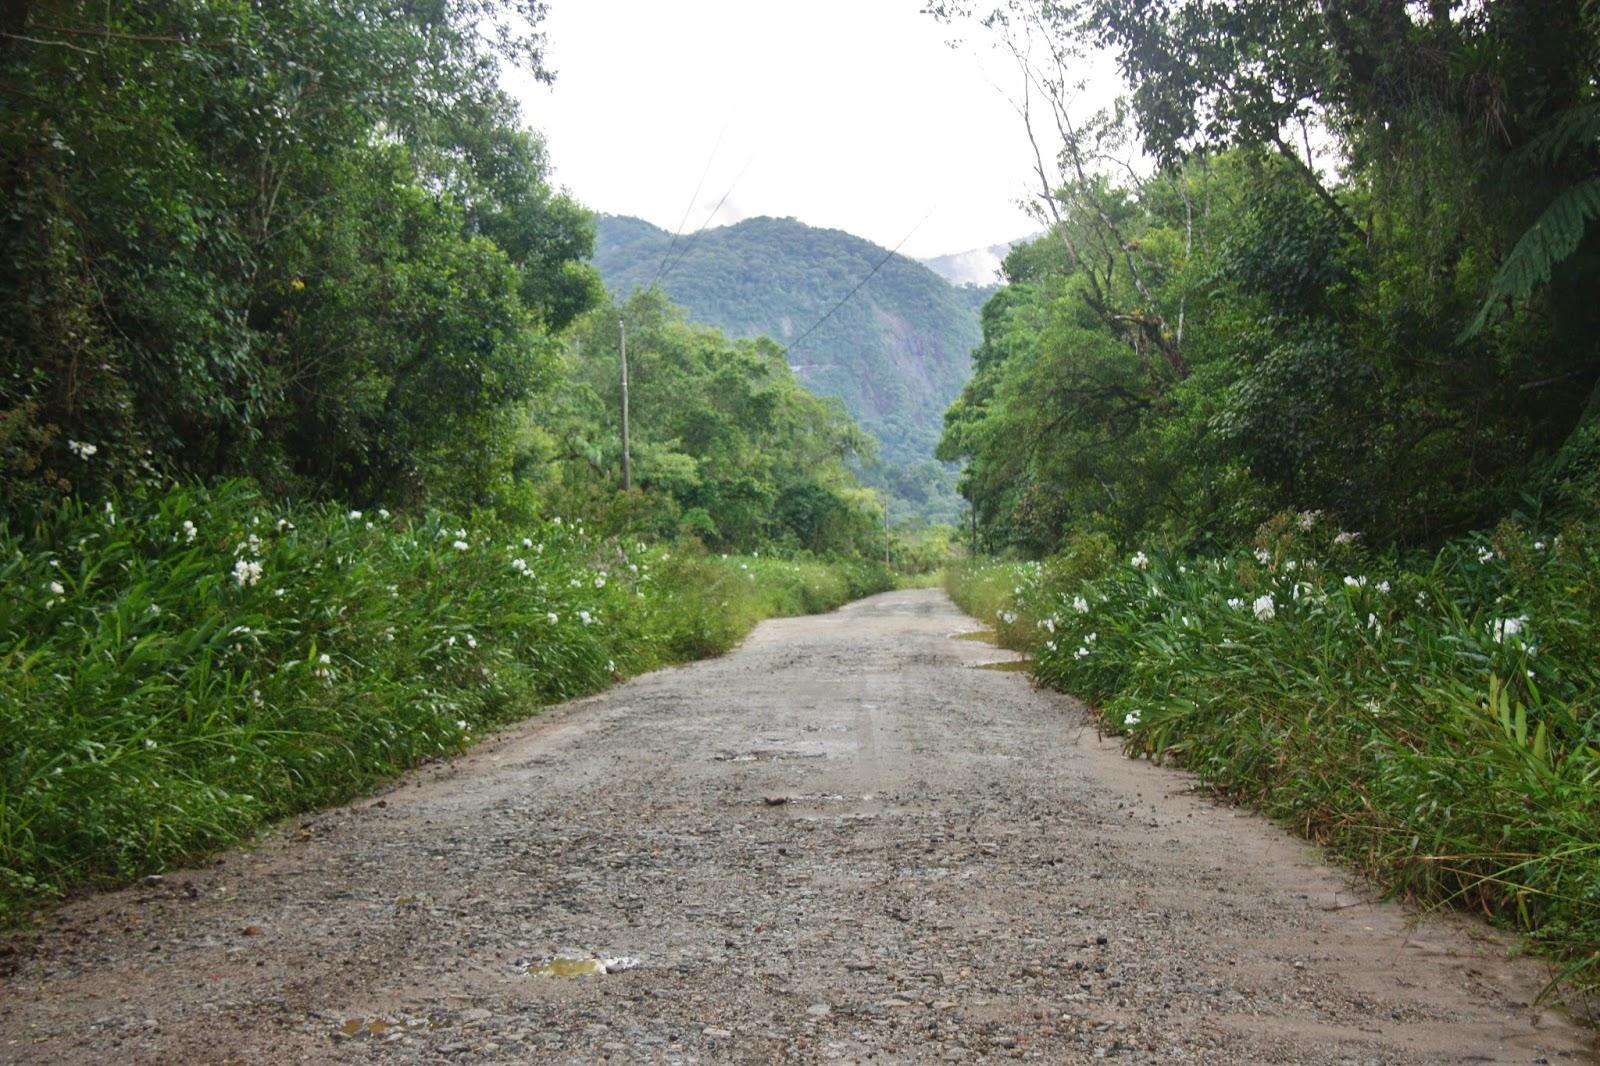 Caminho para Barra do Una, na Estação Ecológica Juréia-Itatins